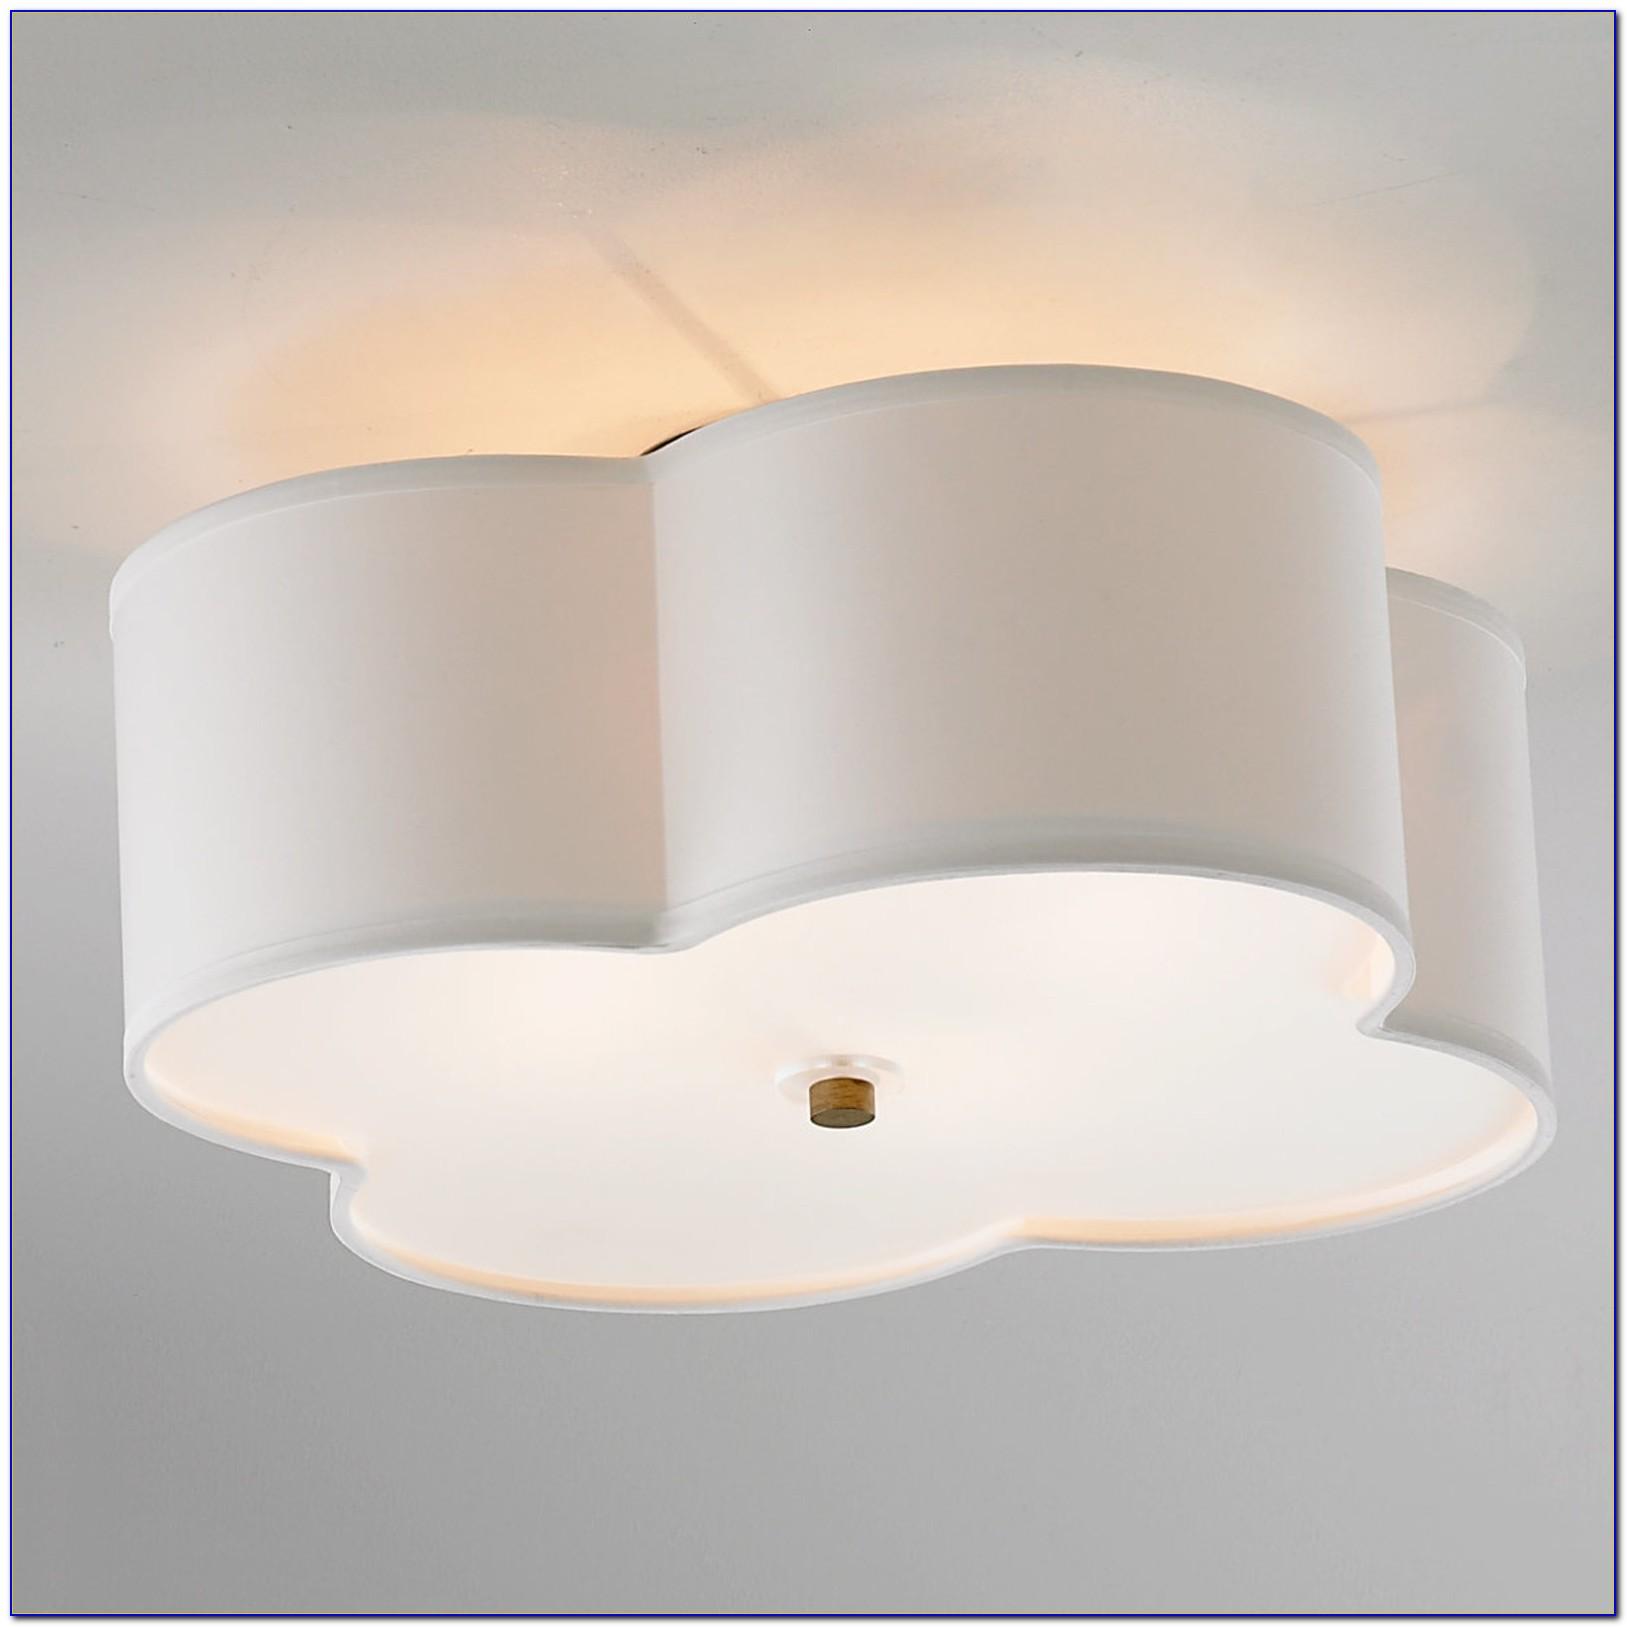 Flush Ceiling Lights Led